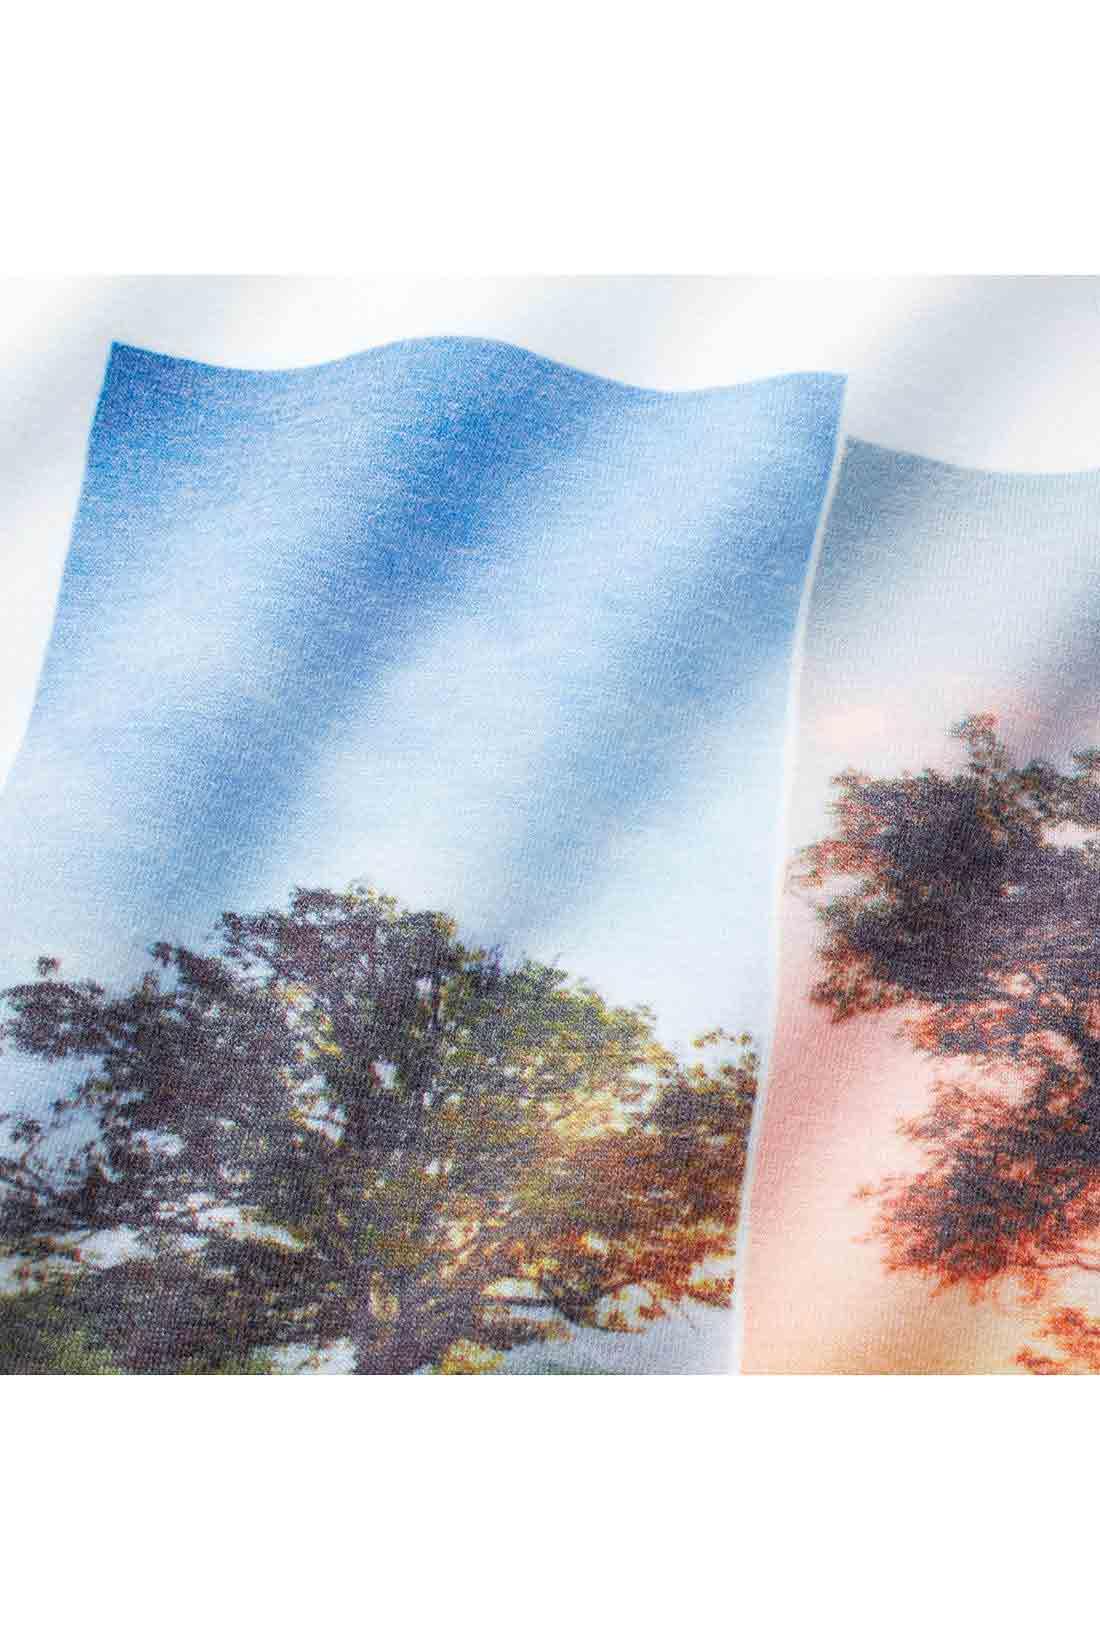 鮮明で美しいインクジェットプリント。顔料プリントに比べ繊細で自然な風合いの仕上がりに。